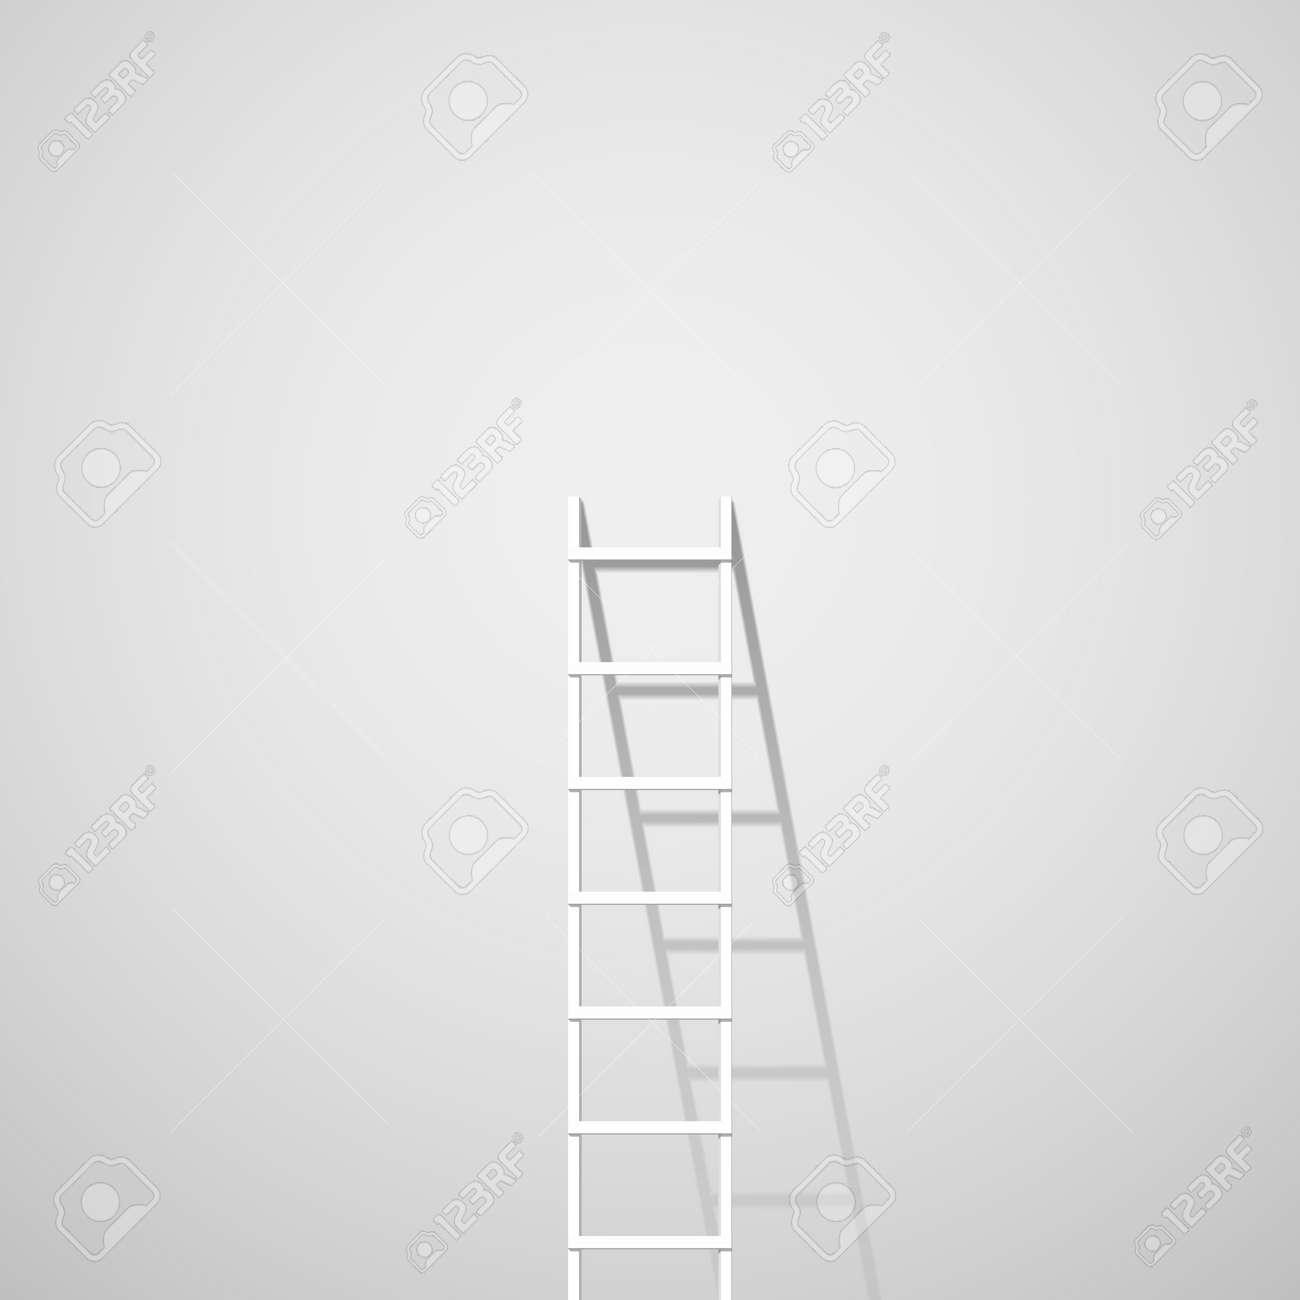 Witte ladder tegen muur royalty vrije cliparts, vectoren, en stock ...